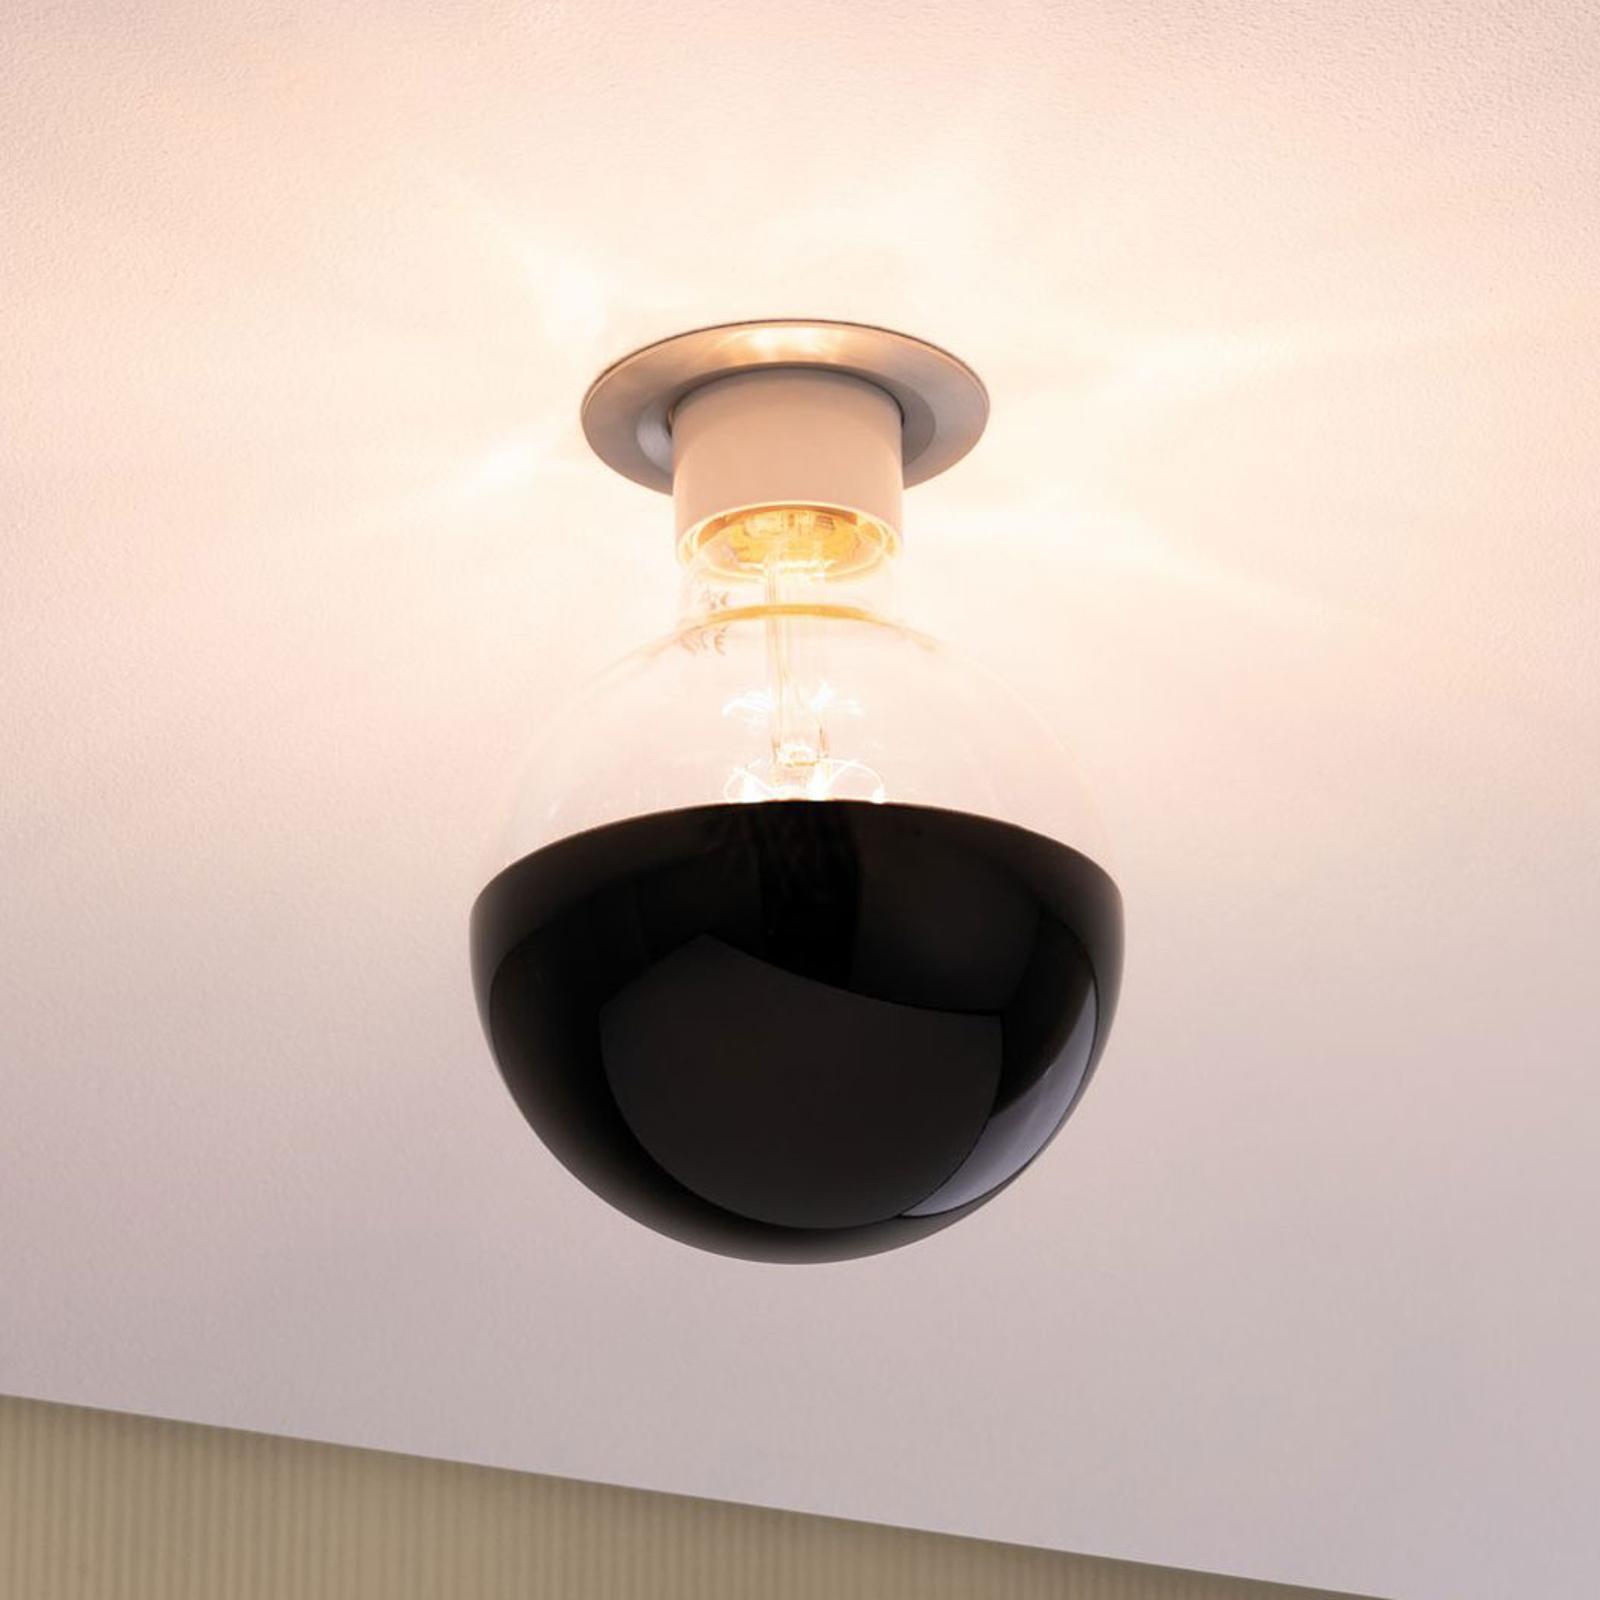 Paulmann Nova lampada da incasso 10W, alluminio Illuminazione per interni